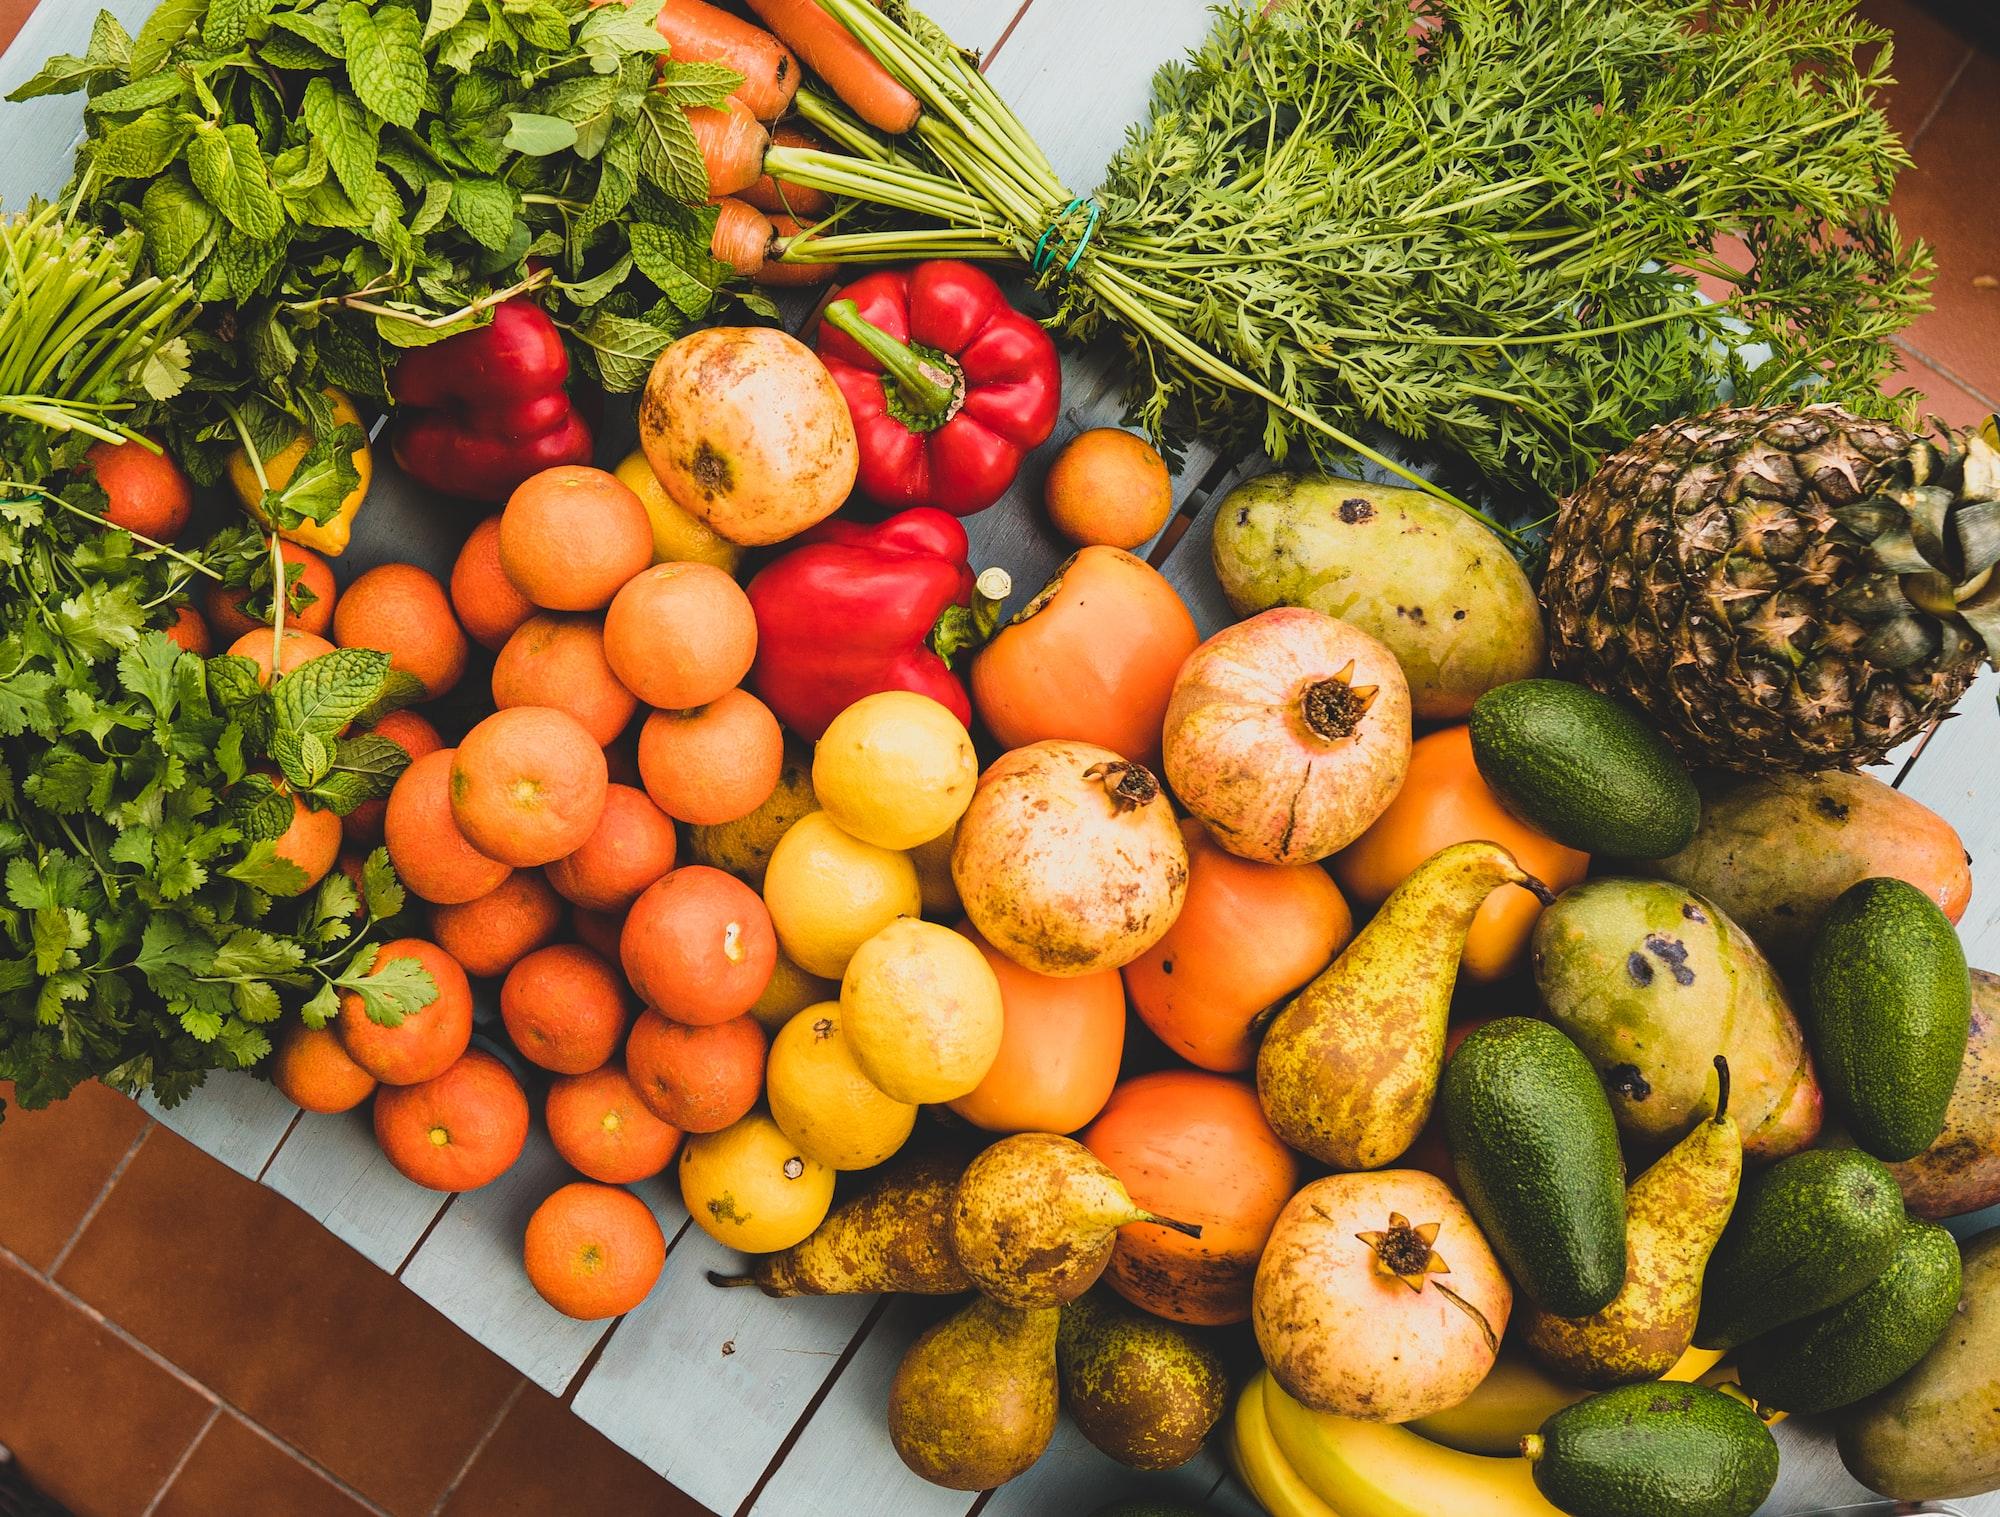 Unverpackte Lebensmittel für den nachhaltigen Konsum